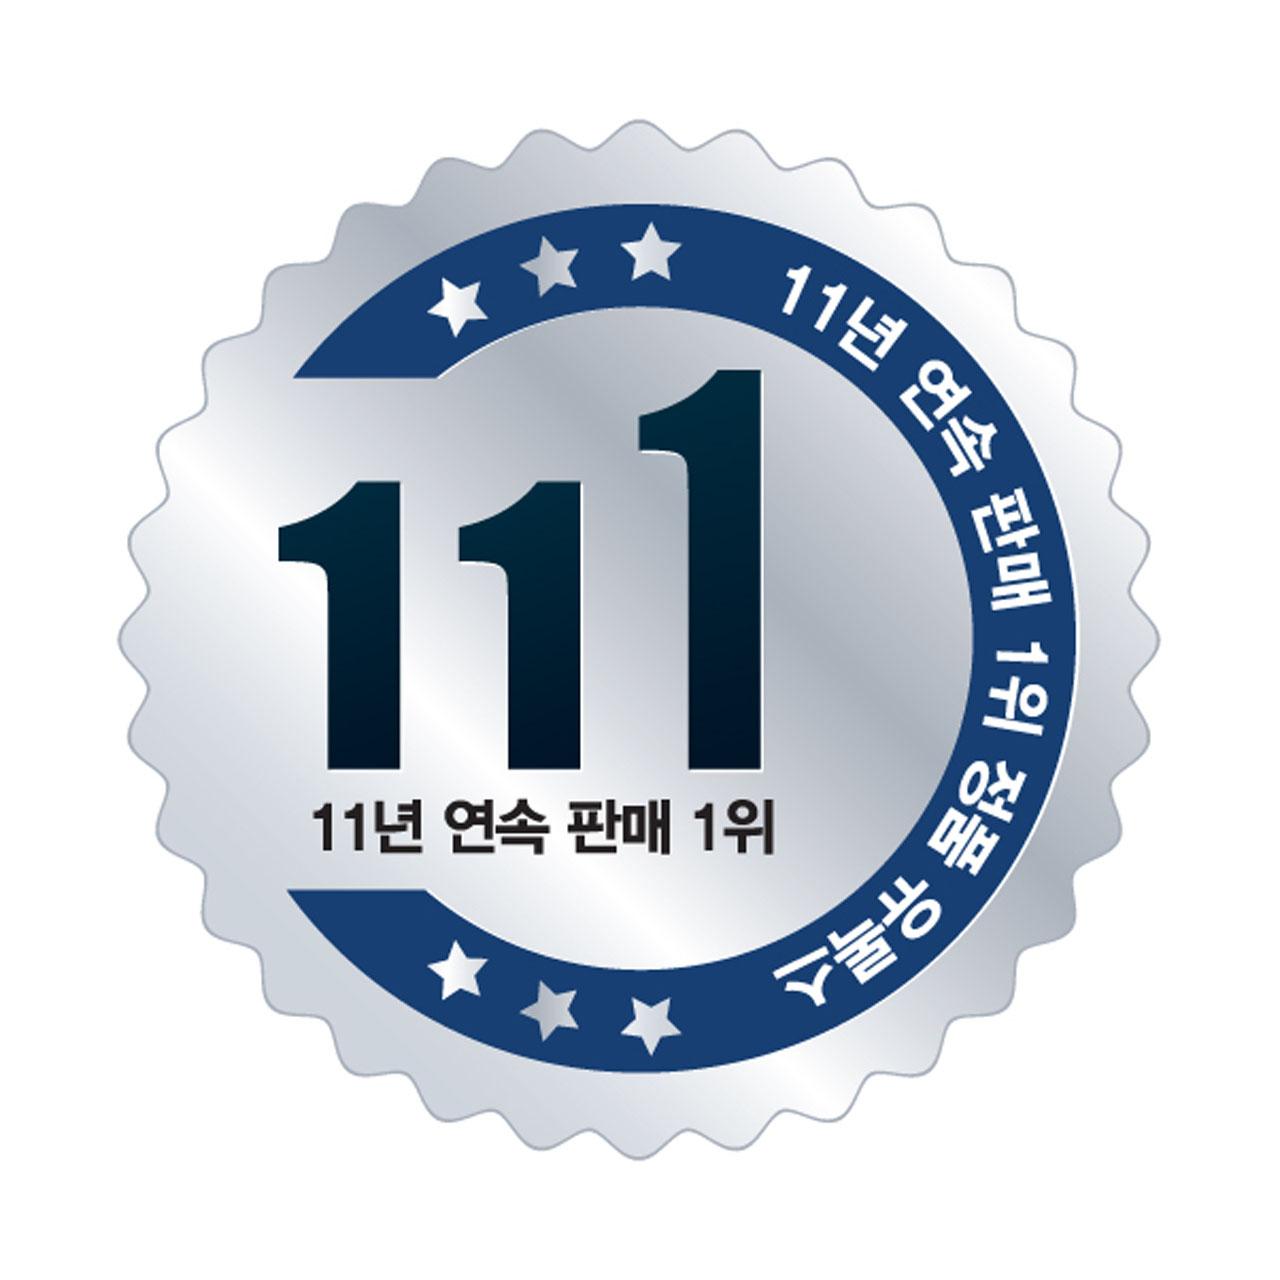 유록스 11년 연속 판매 1위 기념 엠블럼